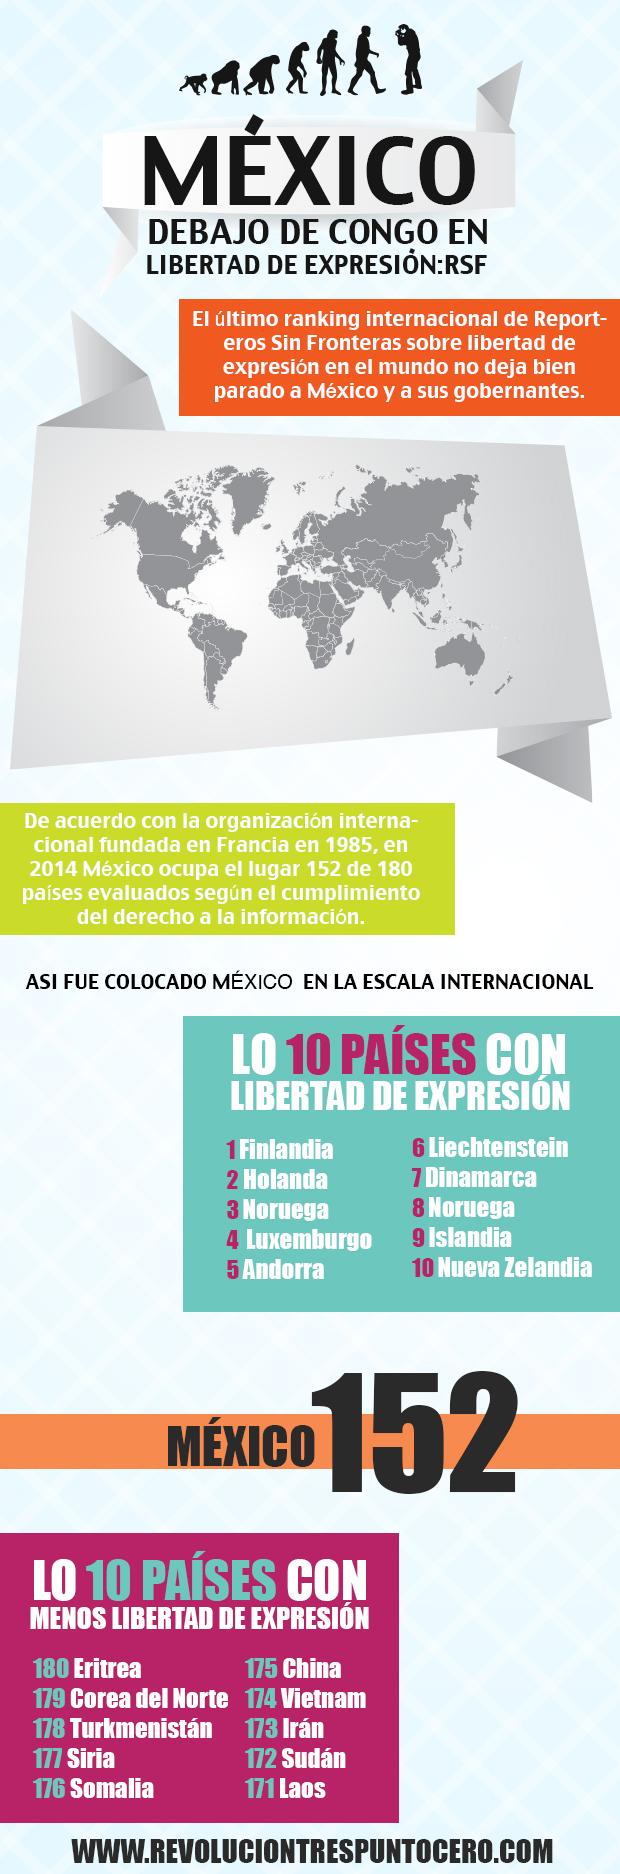 Mexico Peor Que Congo En Libertad De Expresion Infografia Libertad De Expresion Libertad Infografia